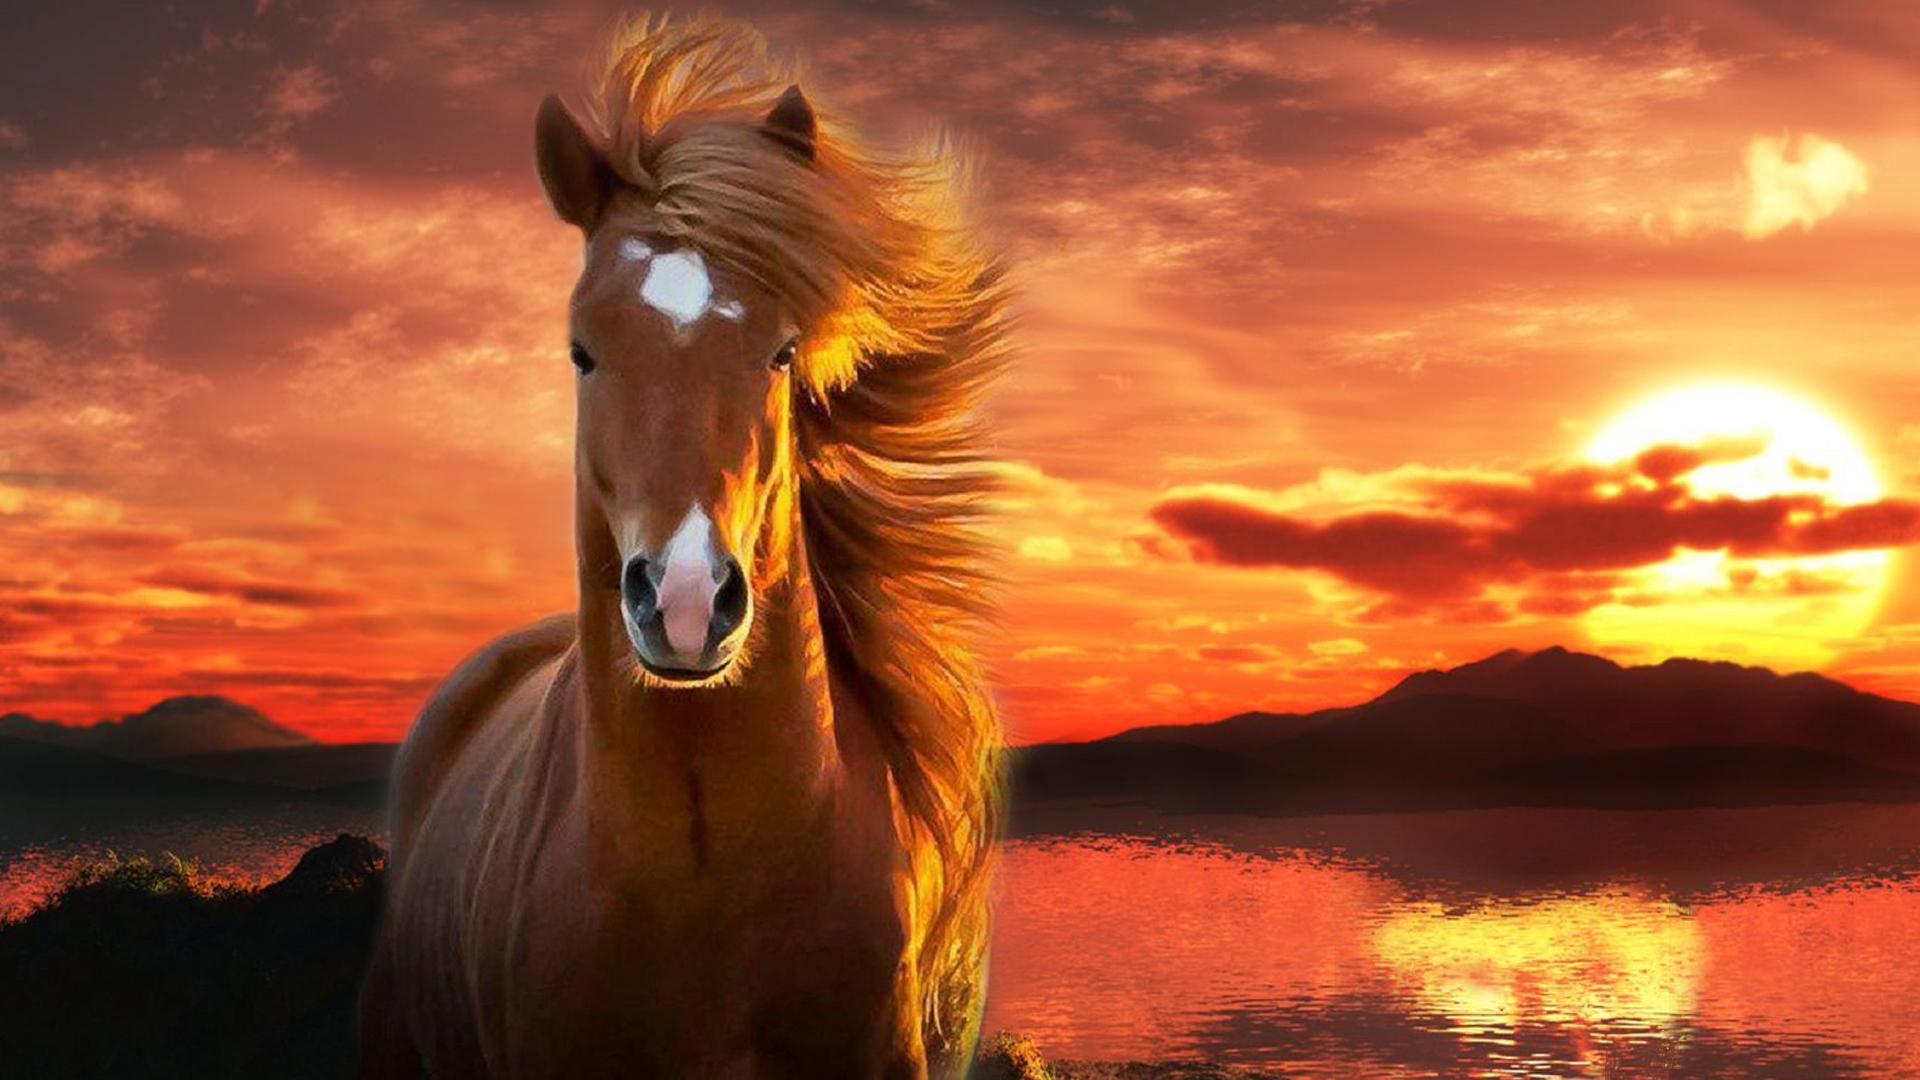 caballos fondos de pantalla horses wallpapers hd. Black Bedroom Furniture Sets. Home Design Ideas